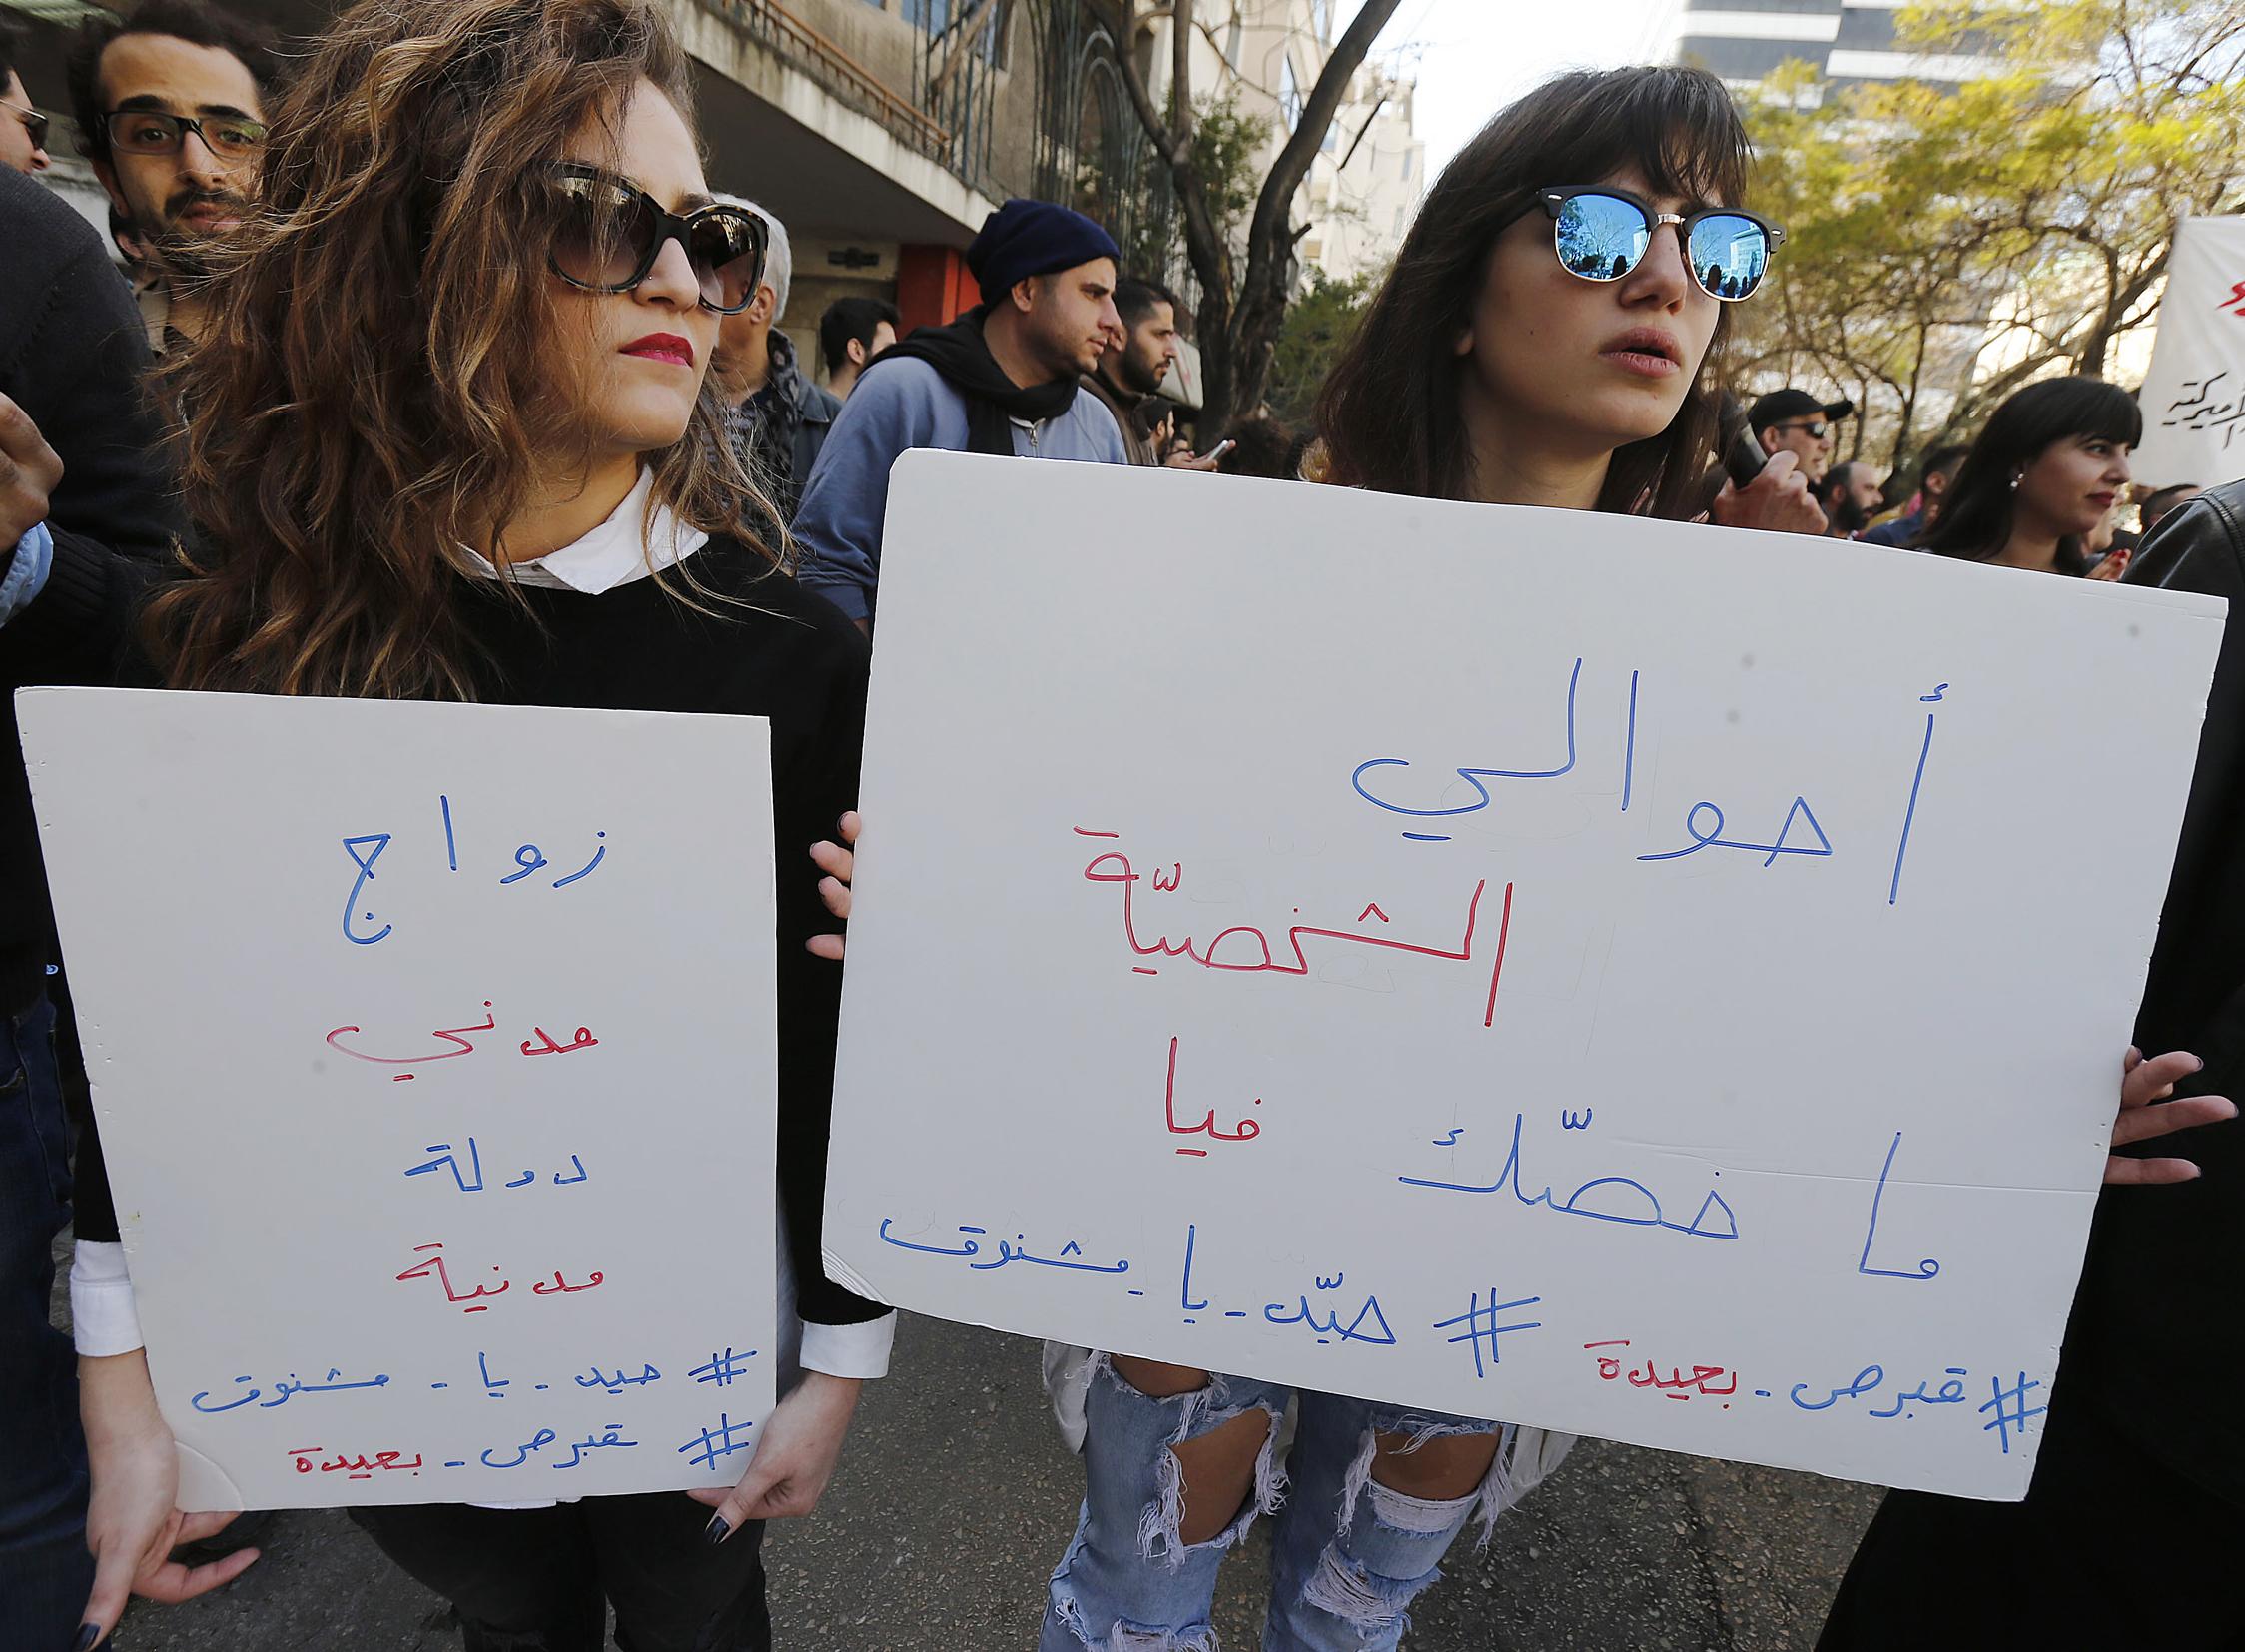 متظاهرون لبنانيون طالبون بإقرار قانون أحوال شخصية مدنية